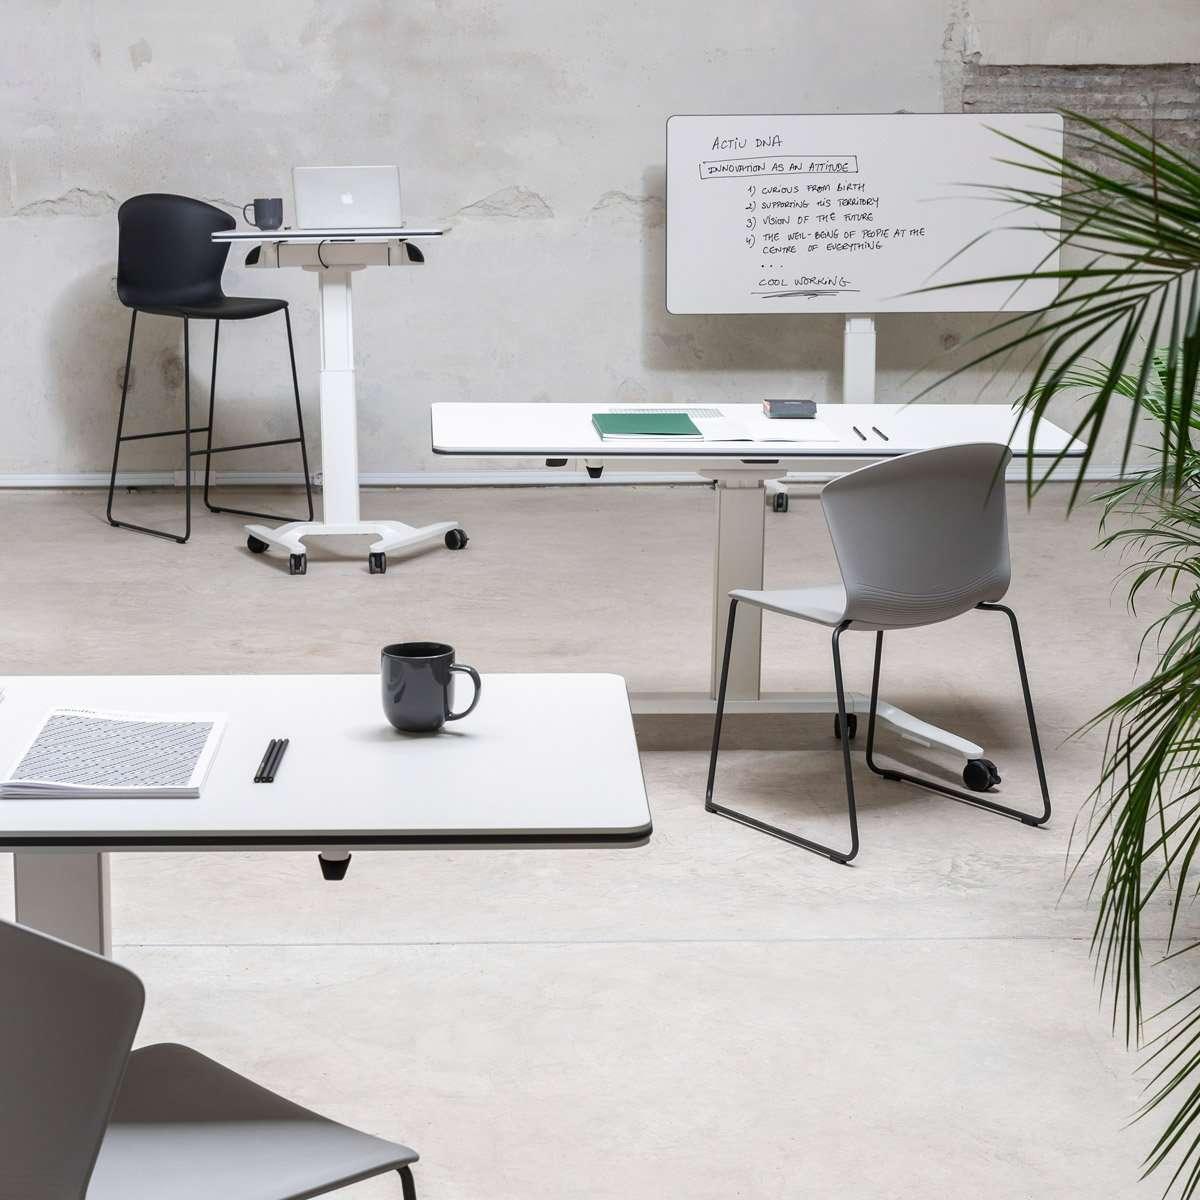 Oficina con estilo informal